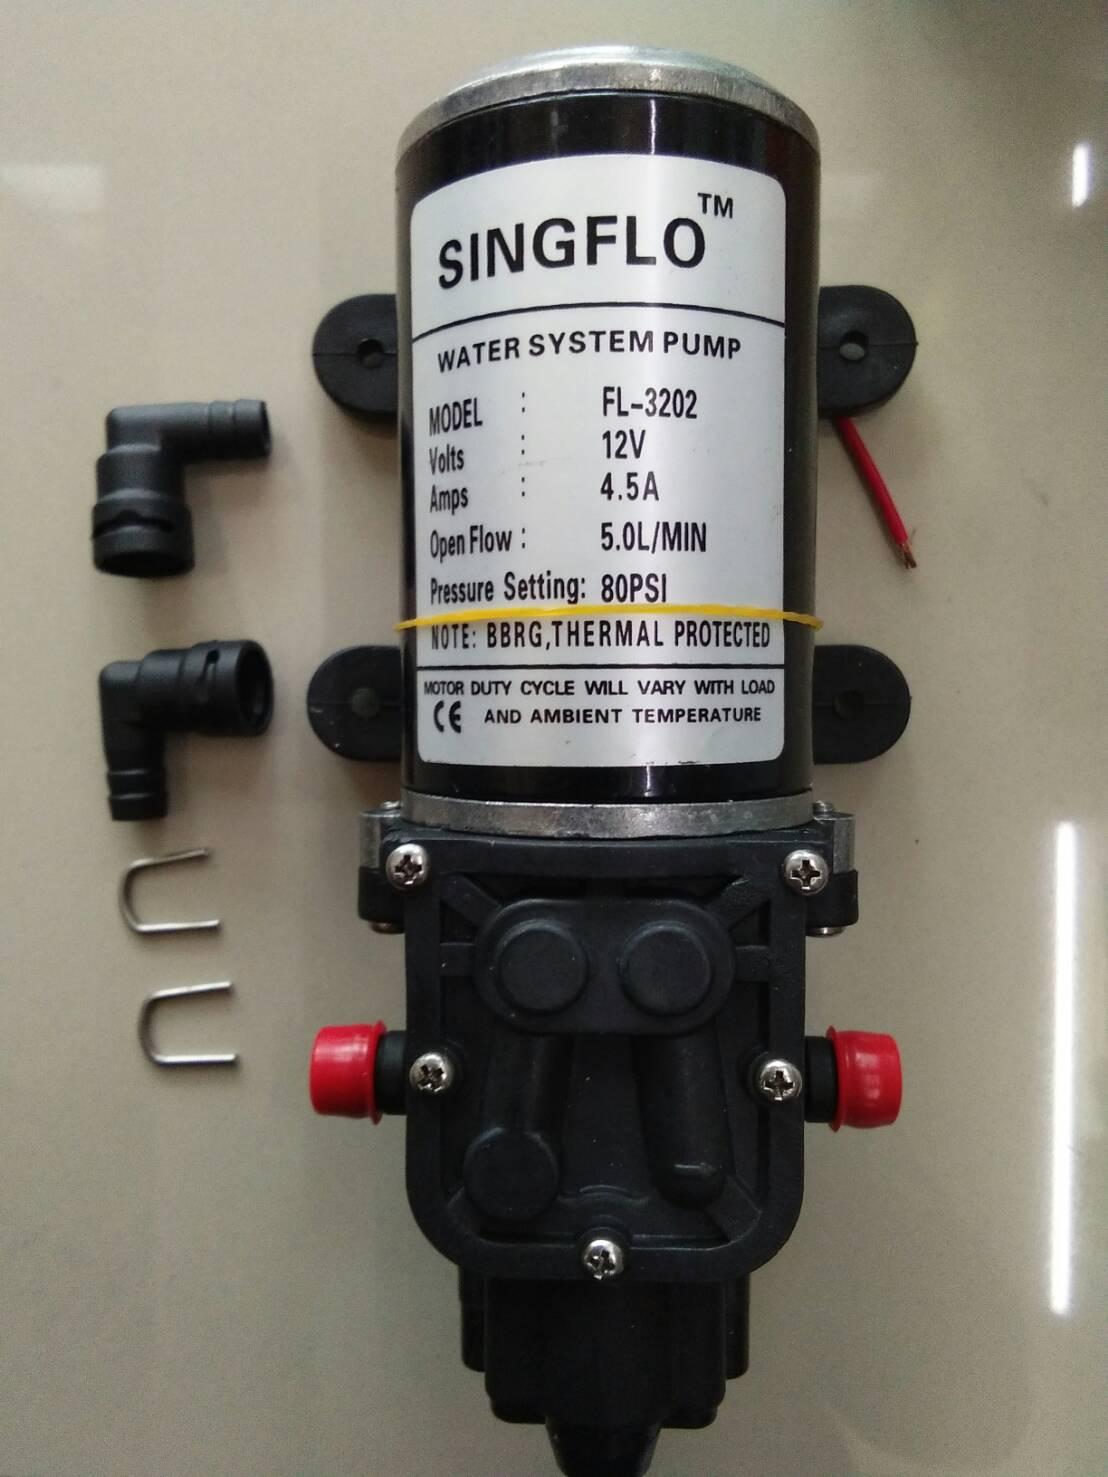 โซล่าปั๊ม ชนิดไดอะแฟรม (Diaphragm) ขนาด 5LPM 12VDC 4.5A 80PSI